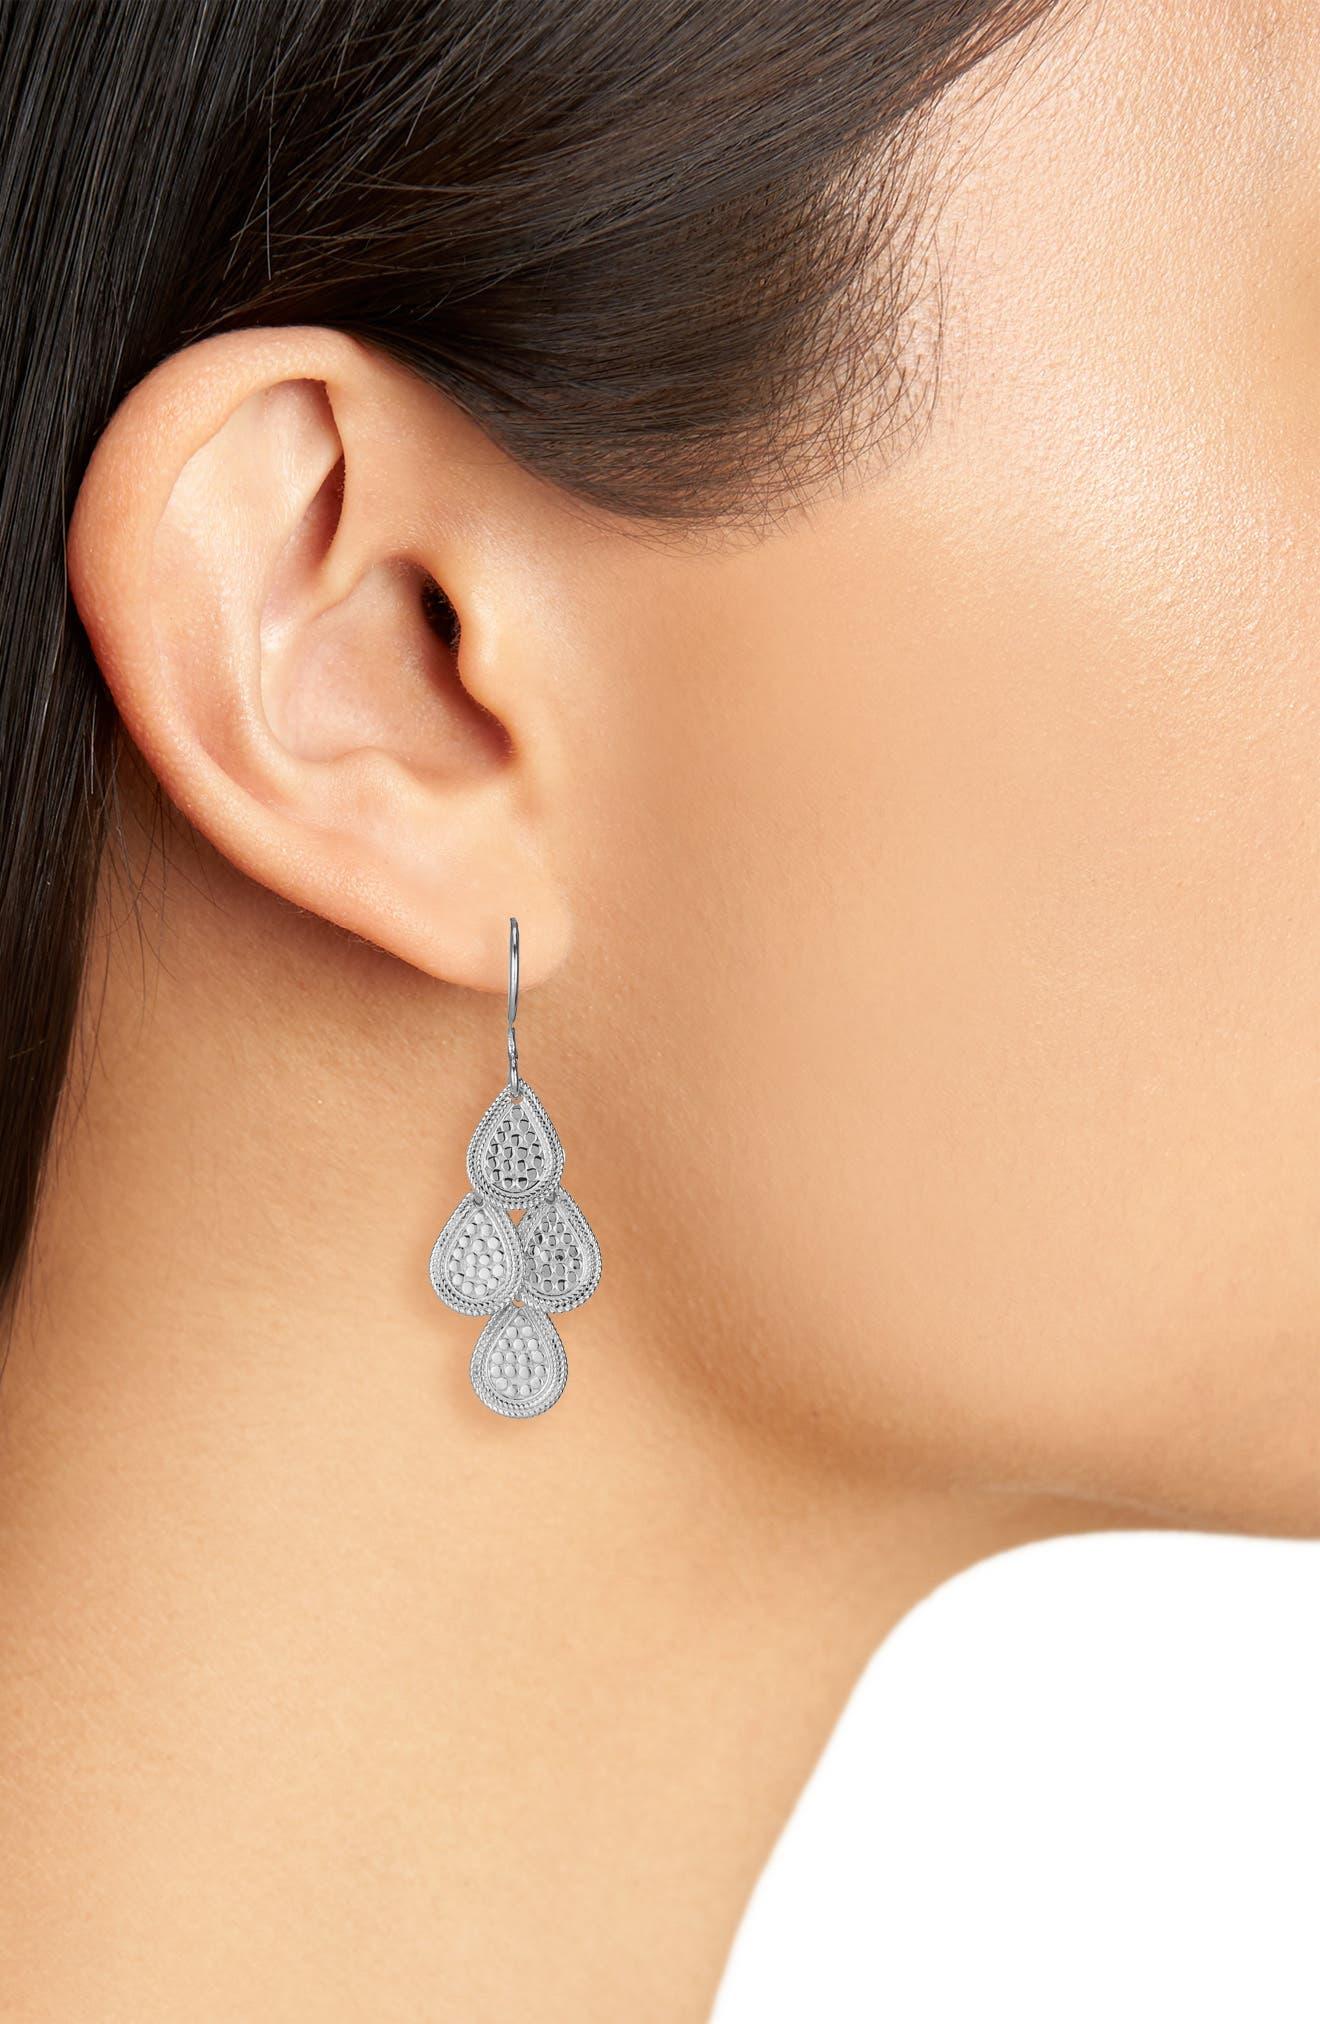 'Gili' Chandelier Earrings,                             Alternate thumbnail 2, color,                             STERLING SILVER